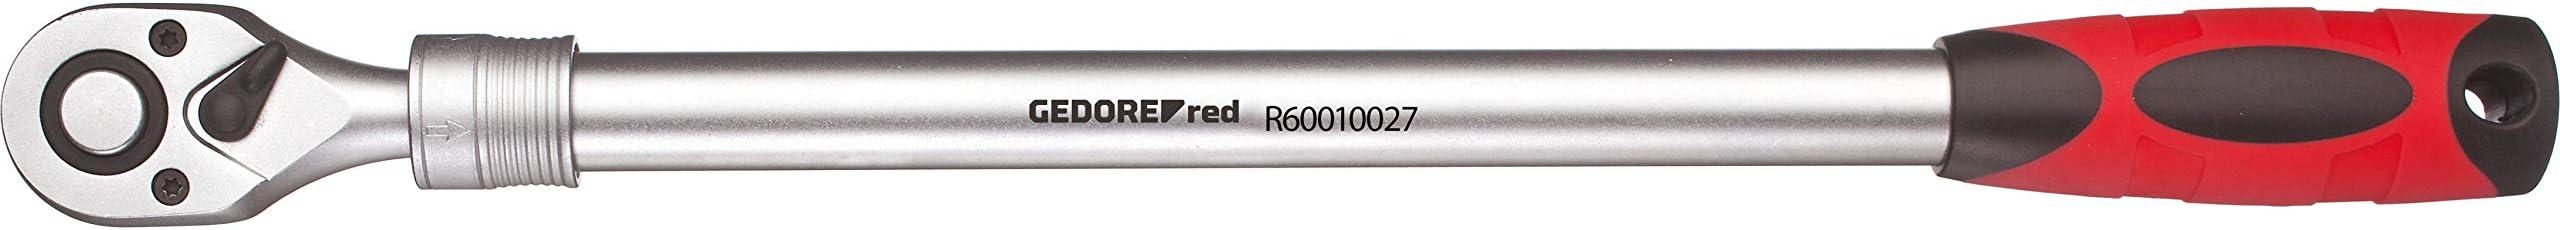 """GEDORE red Teleskopknarre 1/2"""" umschaltbar mit Druckknopfauslösung ausziehbar von 460 auf 600 mm mit 2K-Griff"""